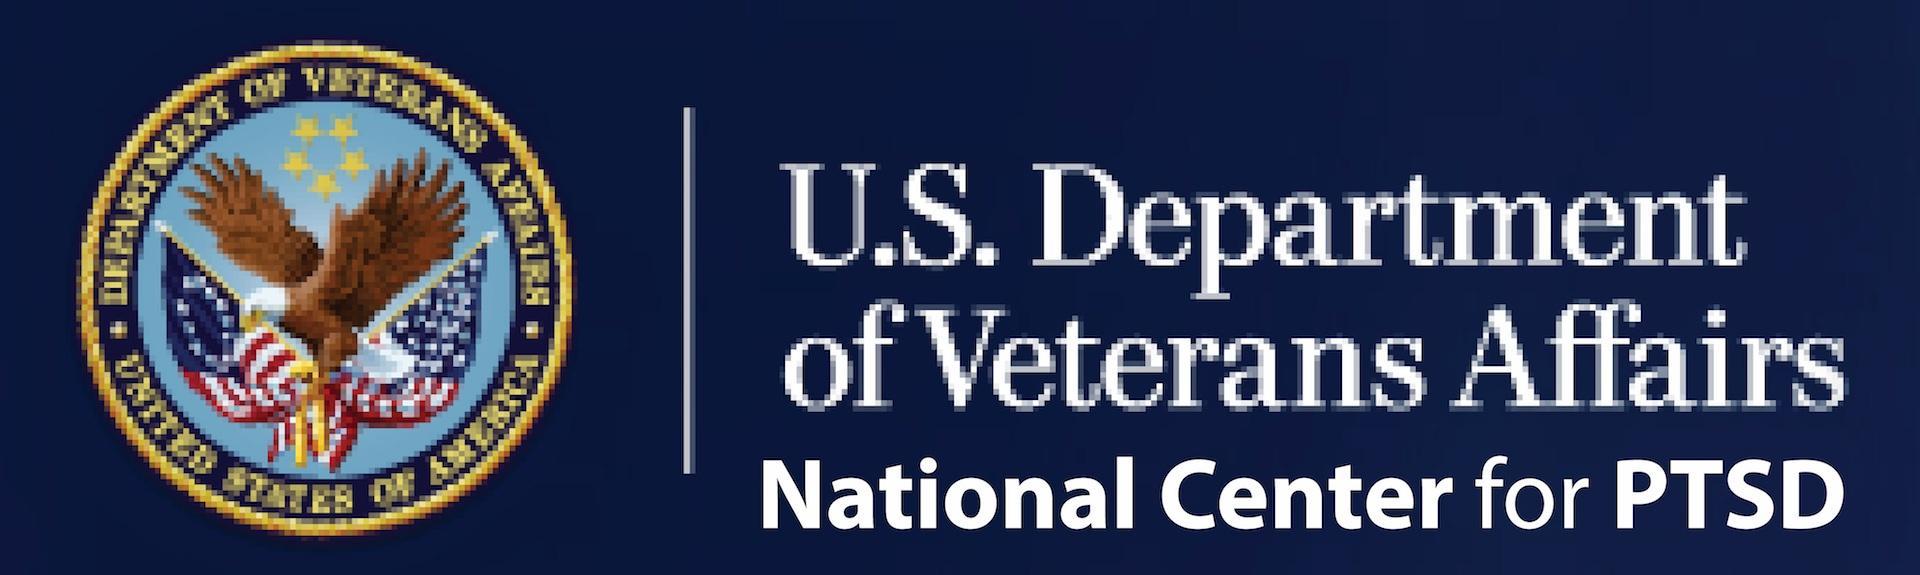 U.S. Department of Veterans Affairs: National Center for PTSD Logo